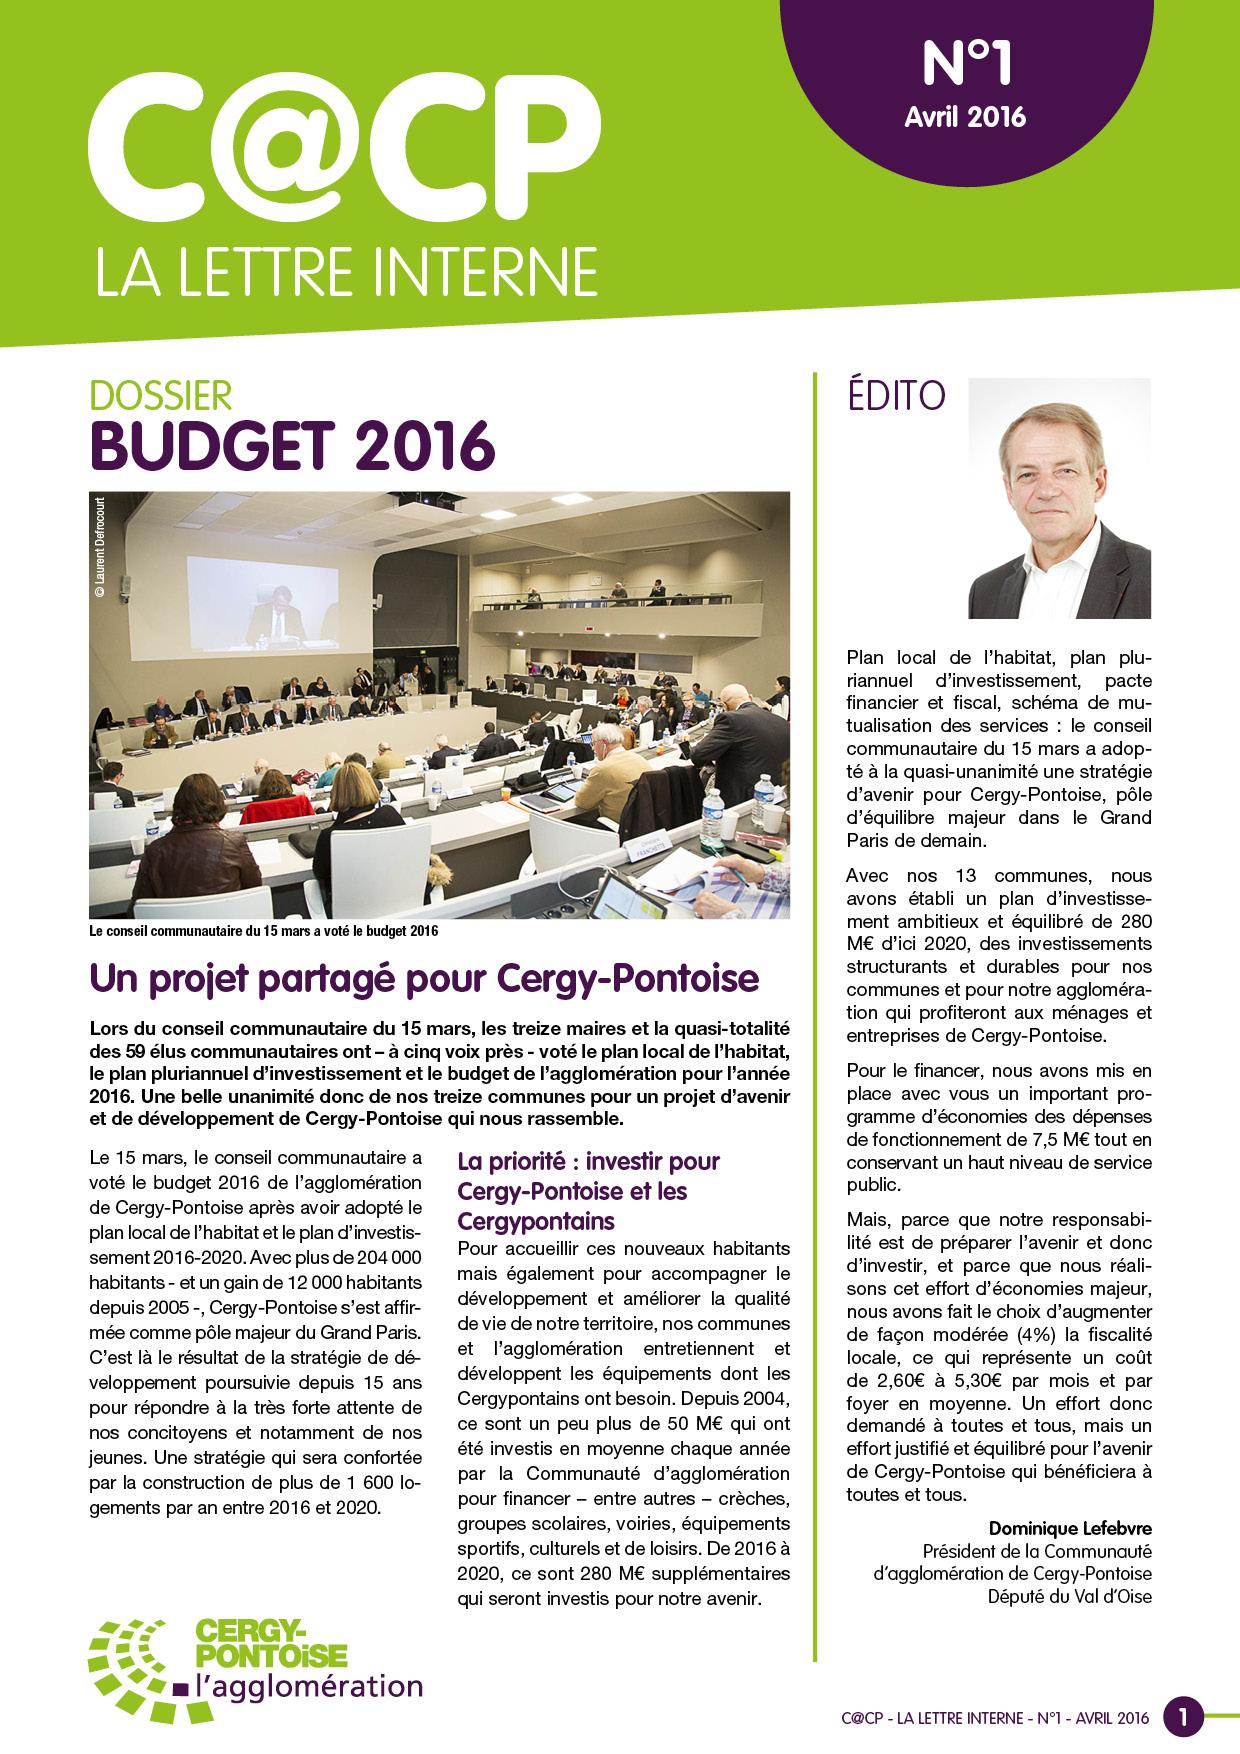 Ville de Cergy & l'agglomeration - Lettre d'information